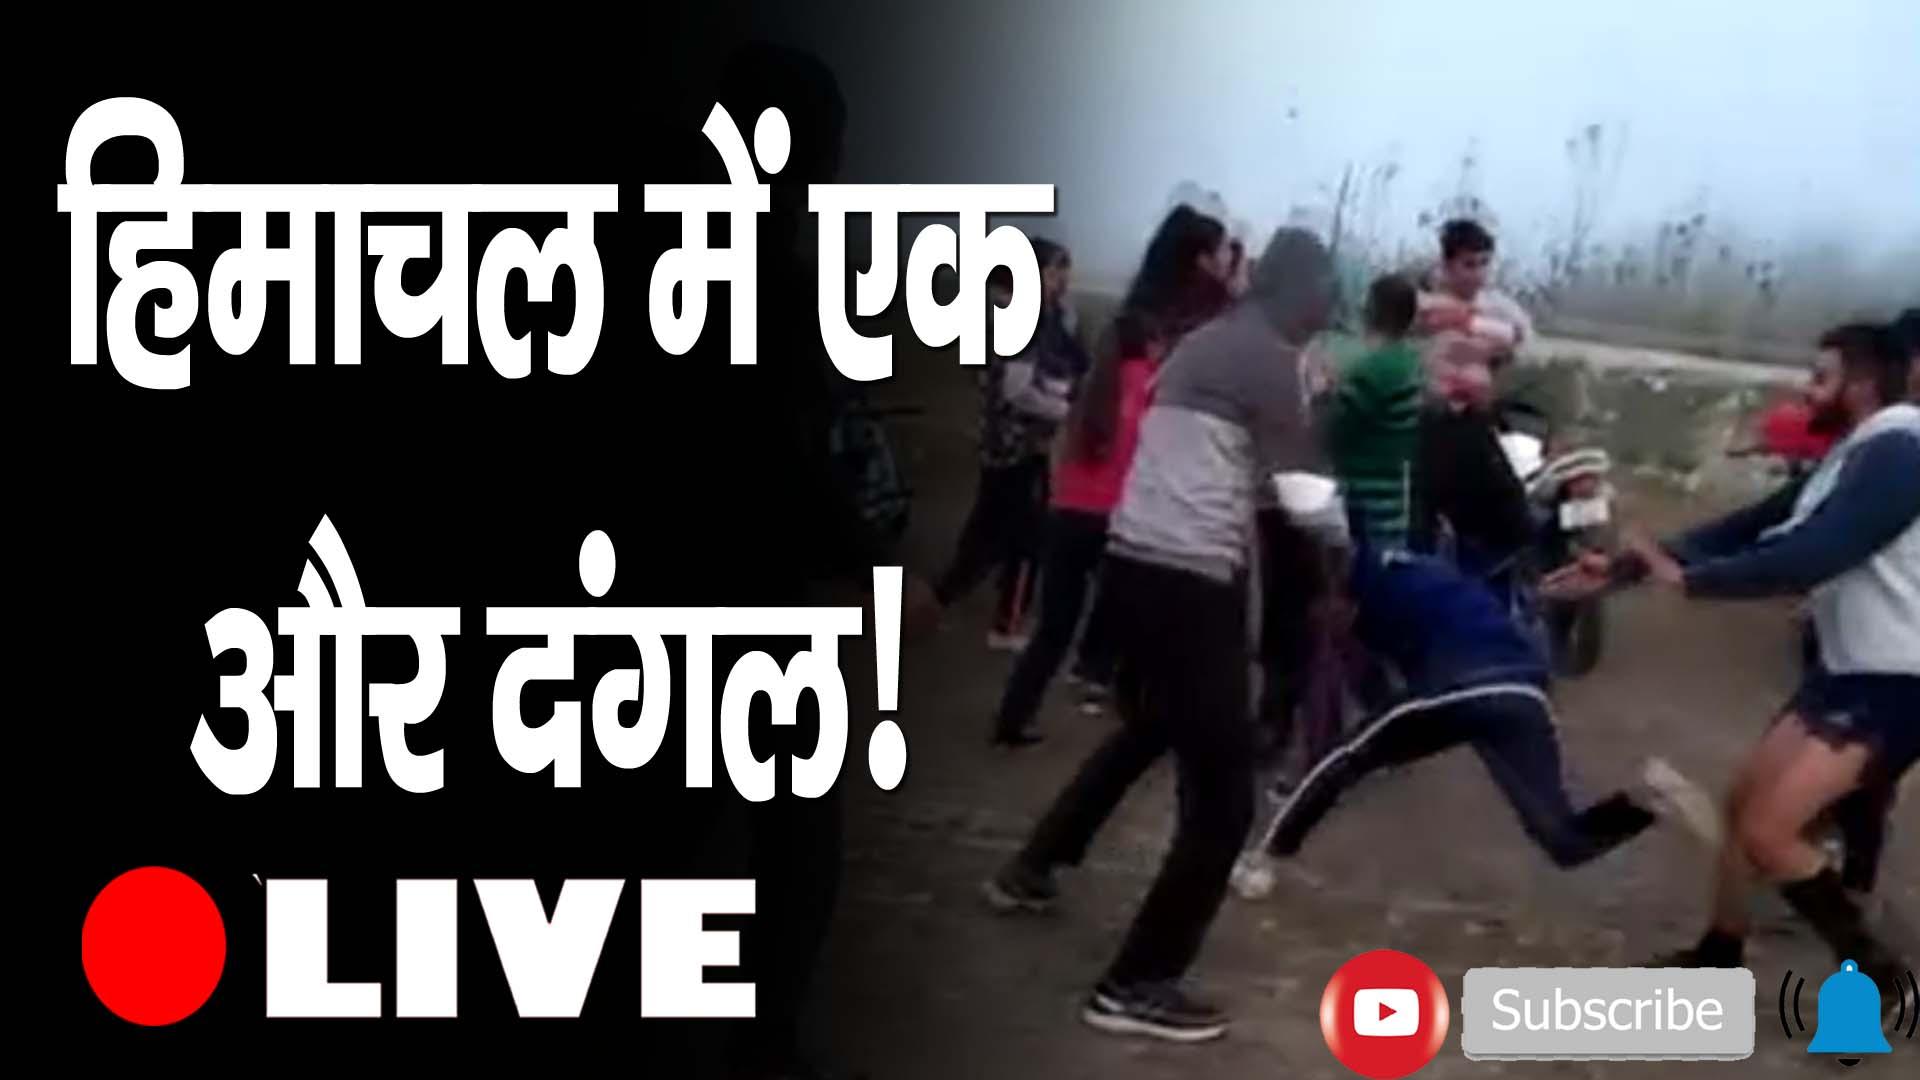 ऊना में लड़कों और लड़कियों के बीच मारपीट, वीडियो वायरल